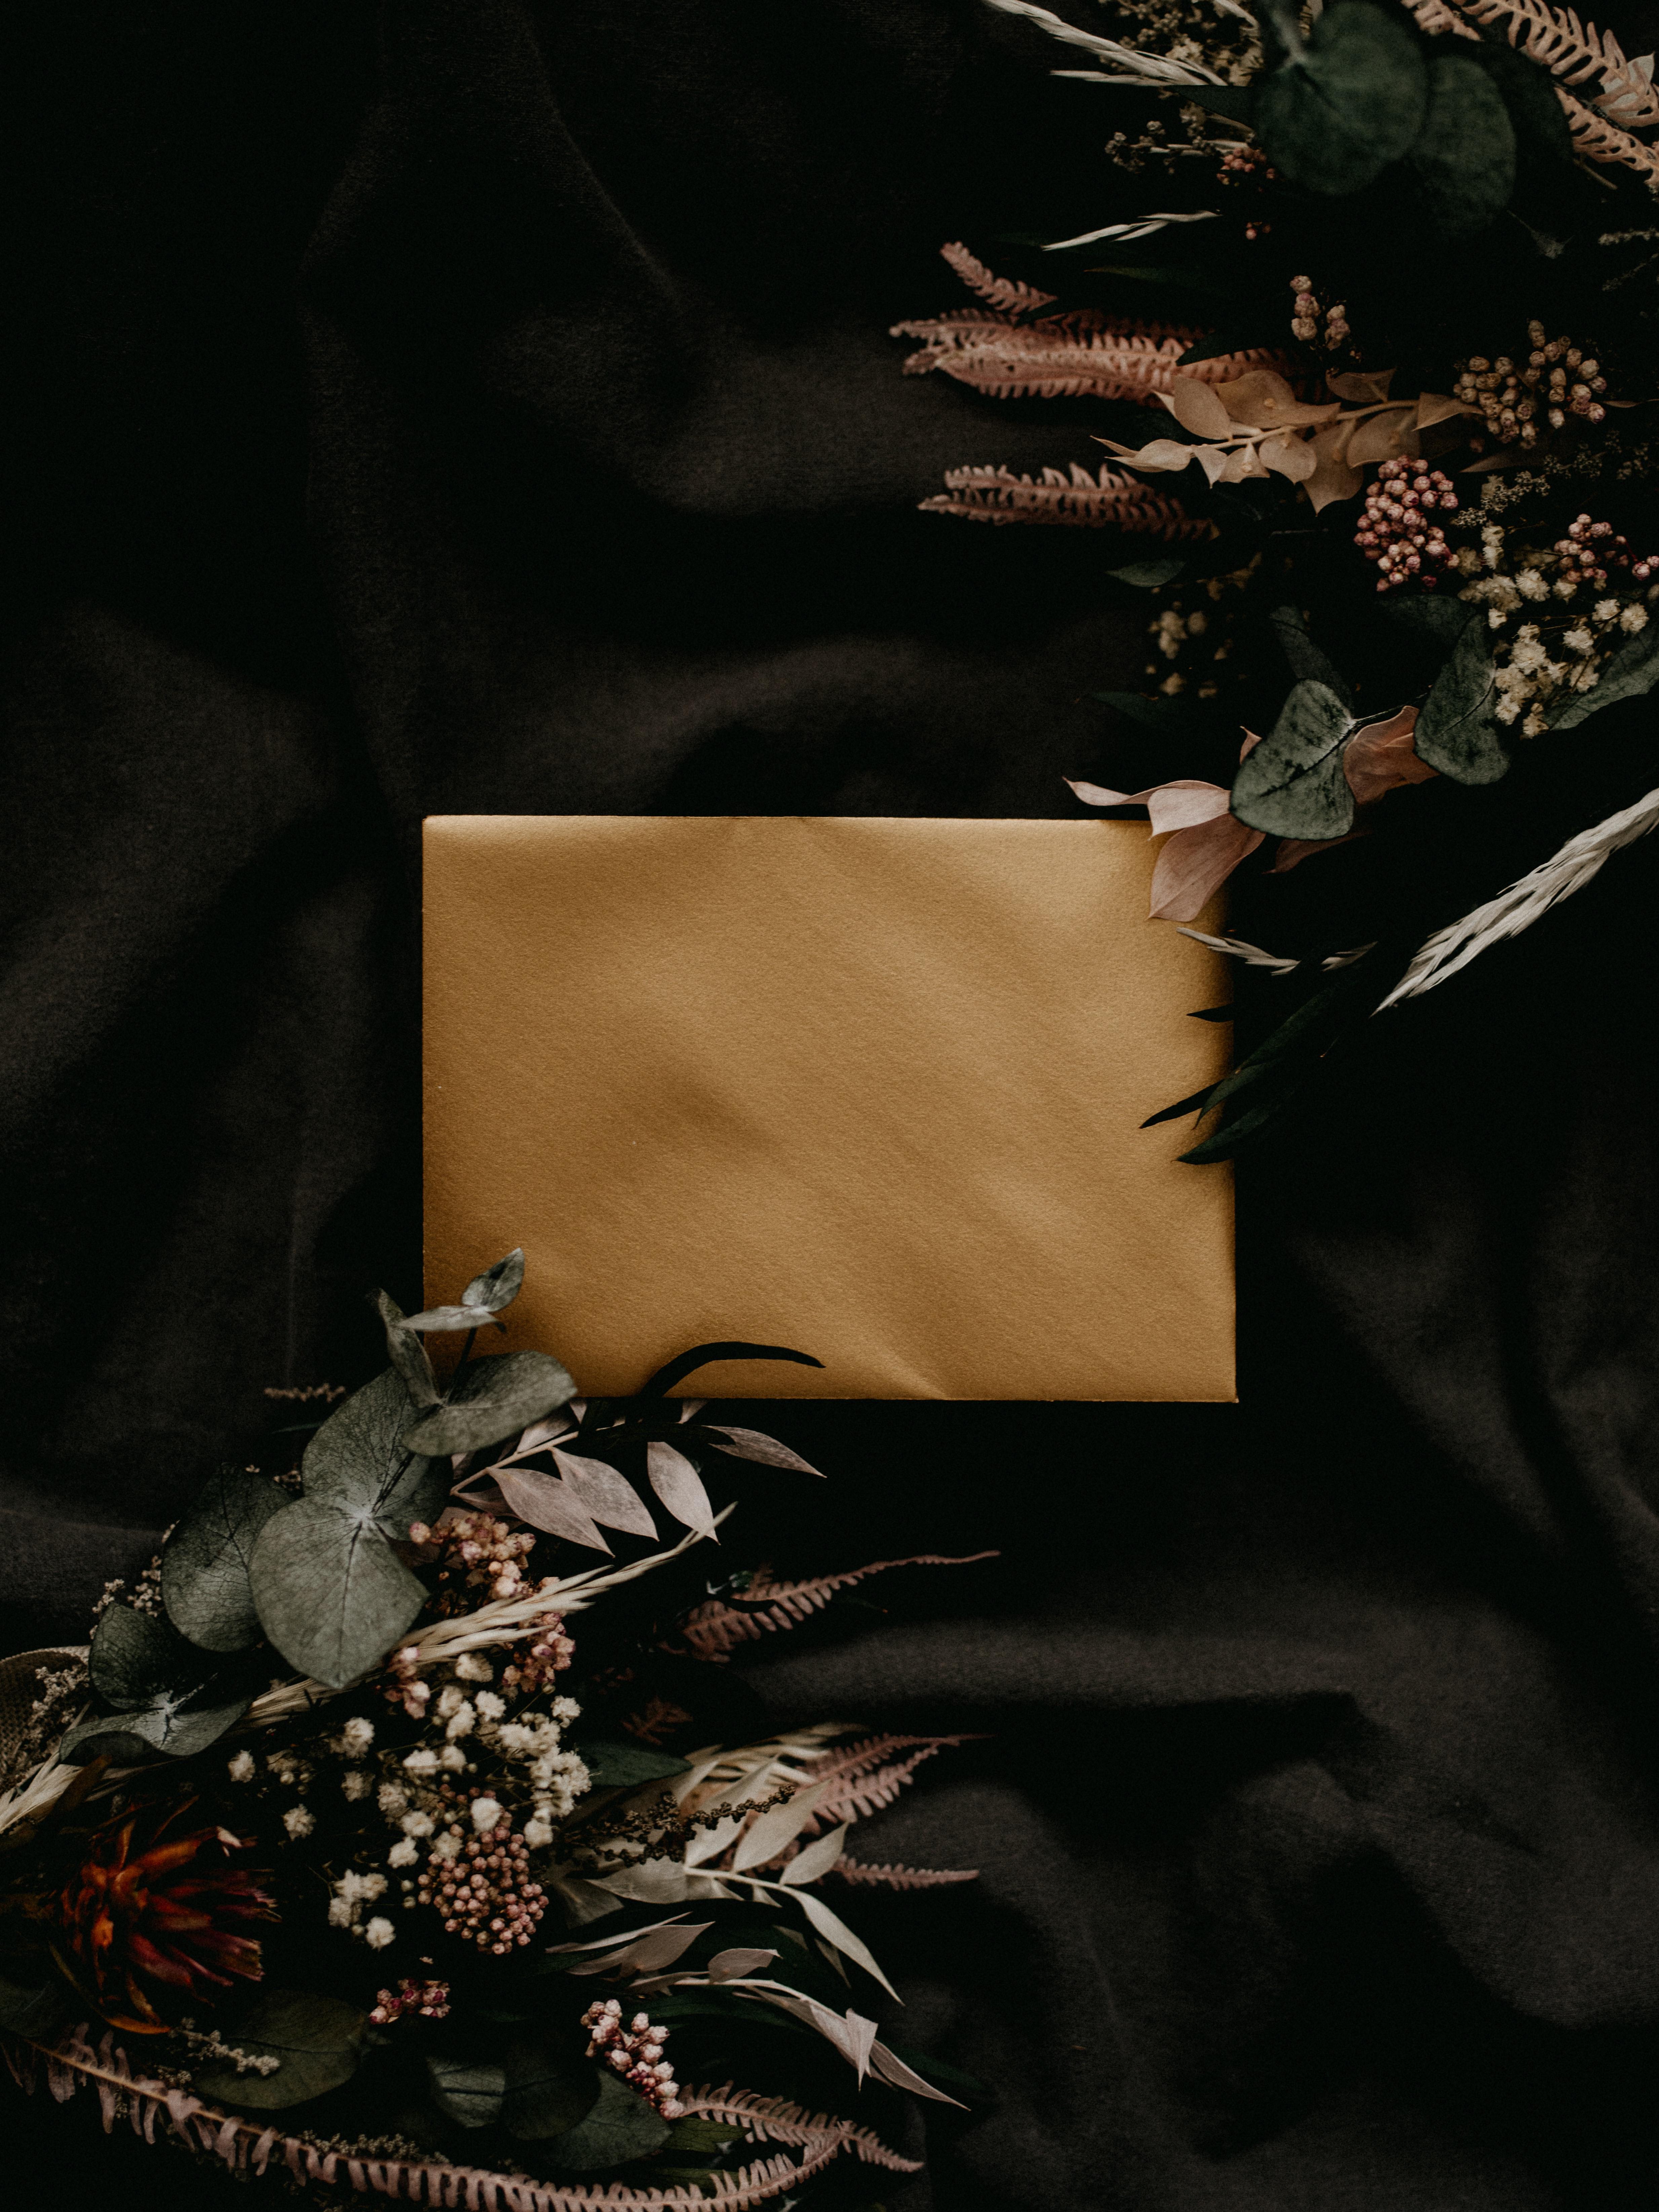 99485 télécharger le fond d'écran Divers, L'enveloppe, Enveloppe, Fleurs, Bouquets - économiseurs d'écran et images gratuitement